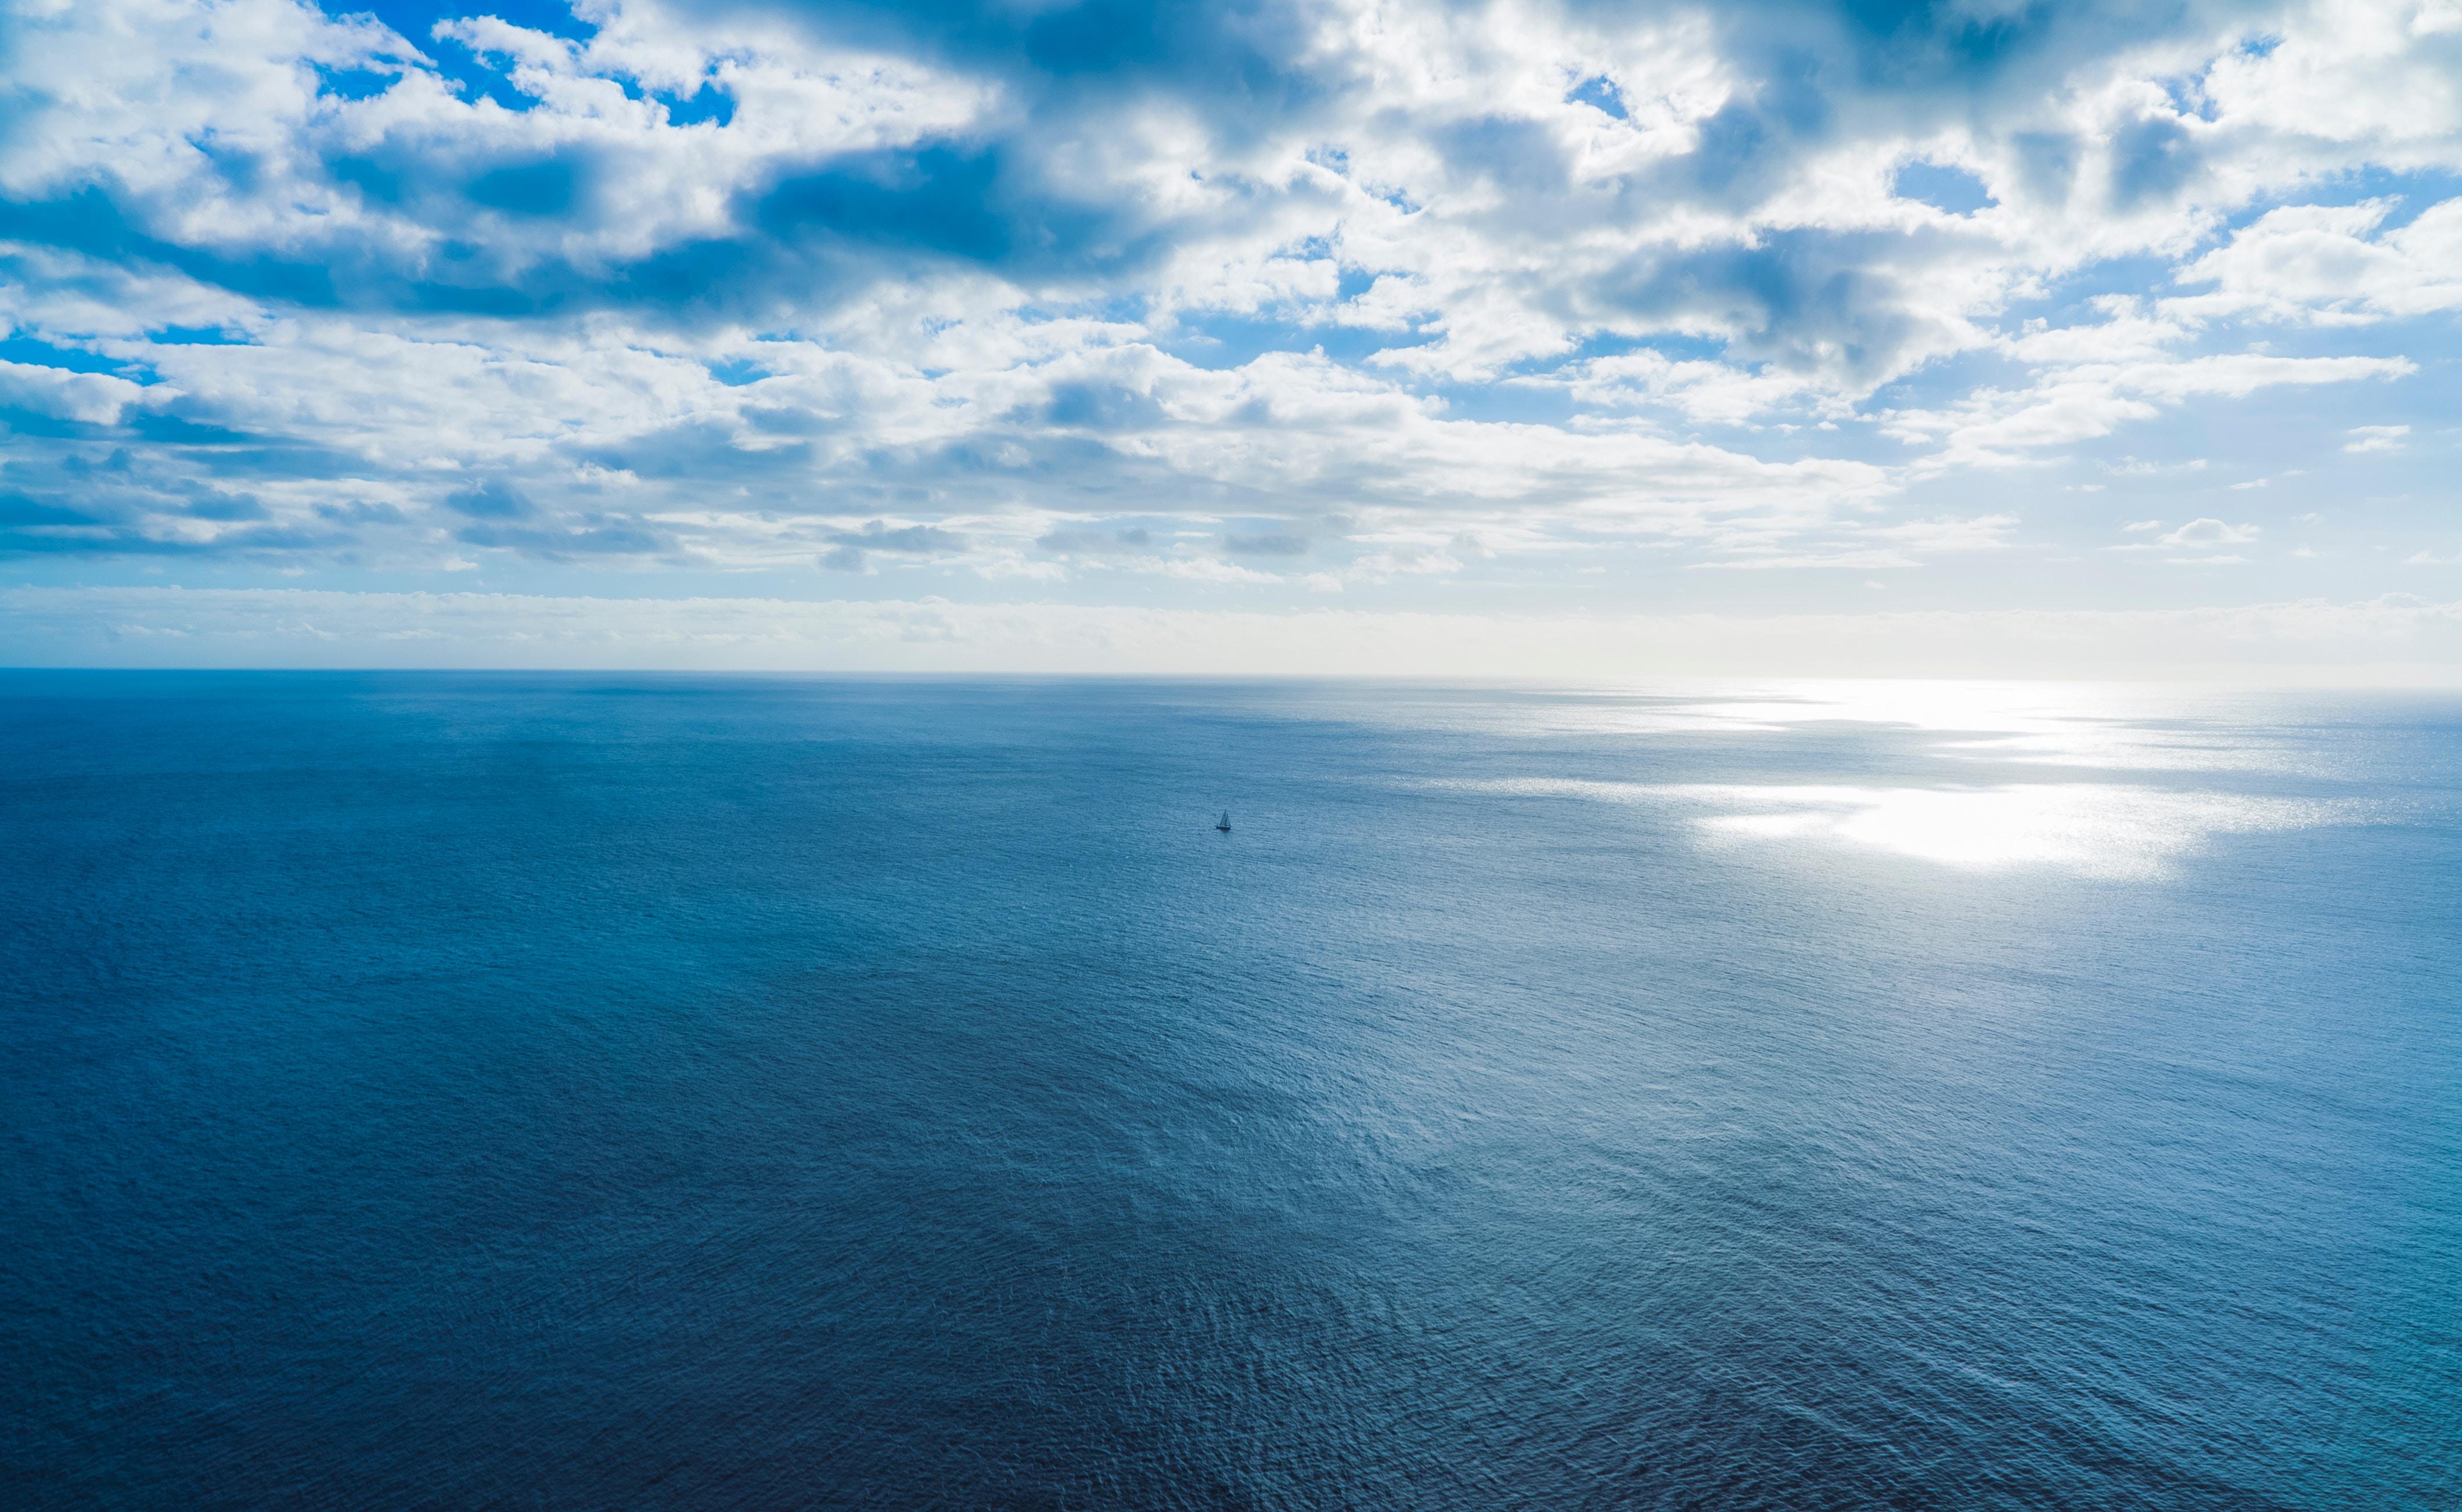 58528 Salvapantallas y fondos de pantalla Mar en tu teléfono. Descarga imágenes de Naturaleza, Mar, Cielo, Nubes, Horizonte gratis